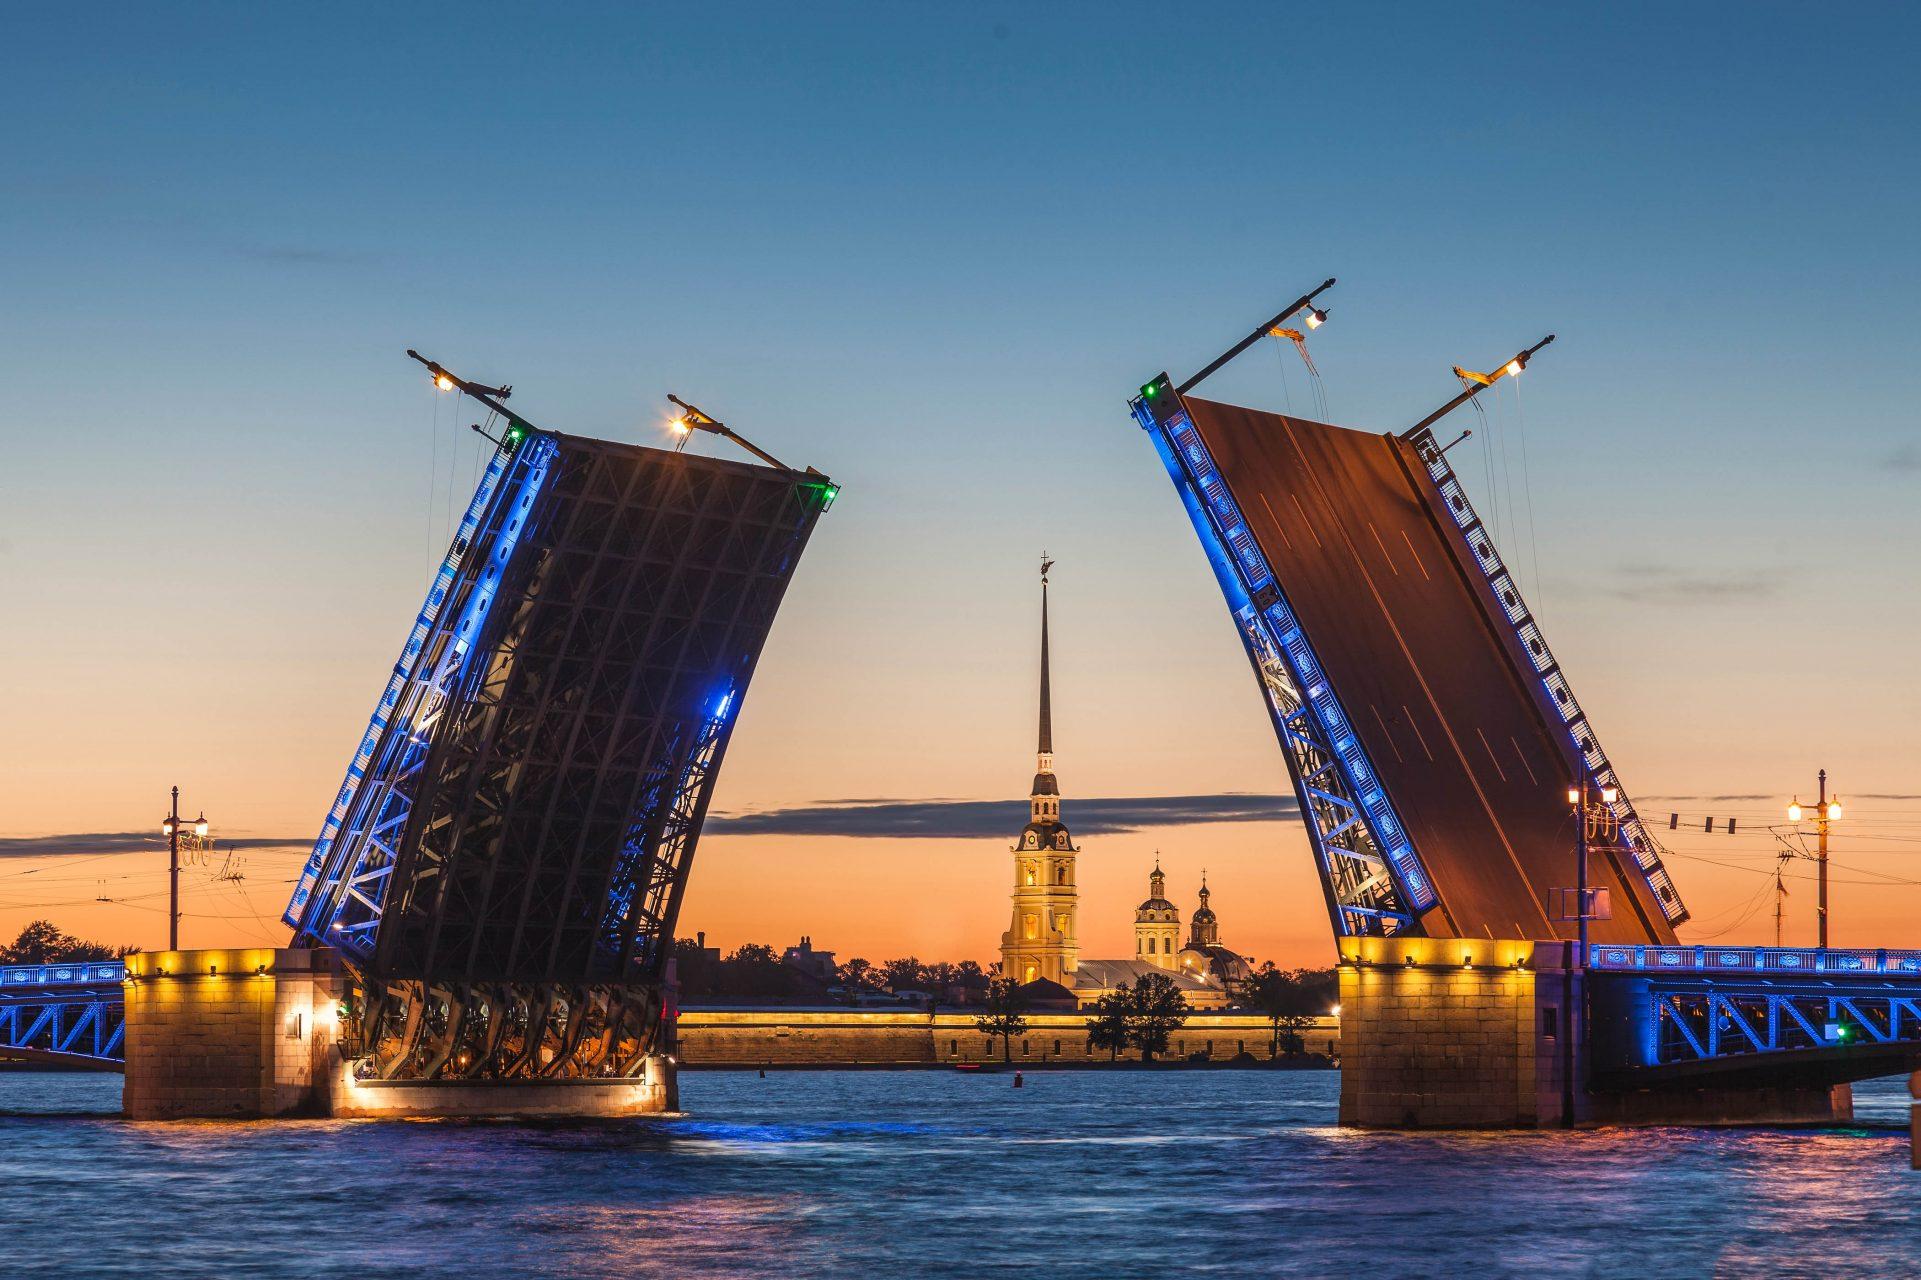 Die Brücken an der Newa heben sich während der Weißen Nächte von St. Petersburg.